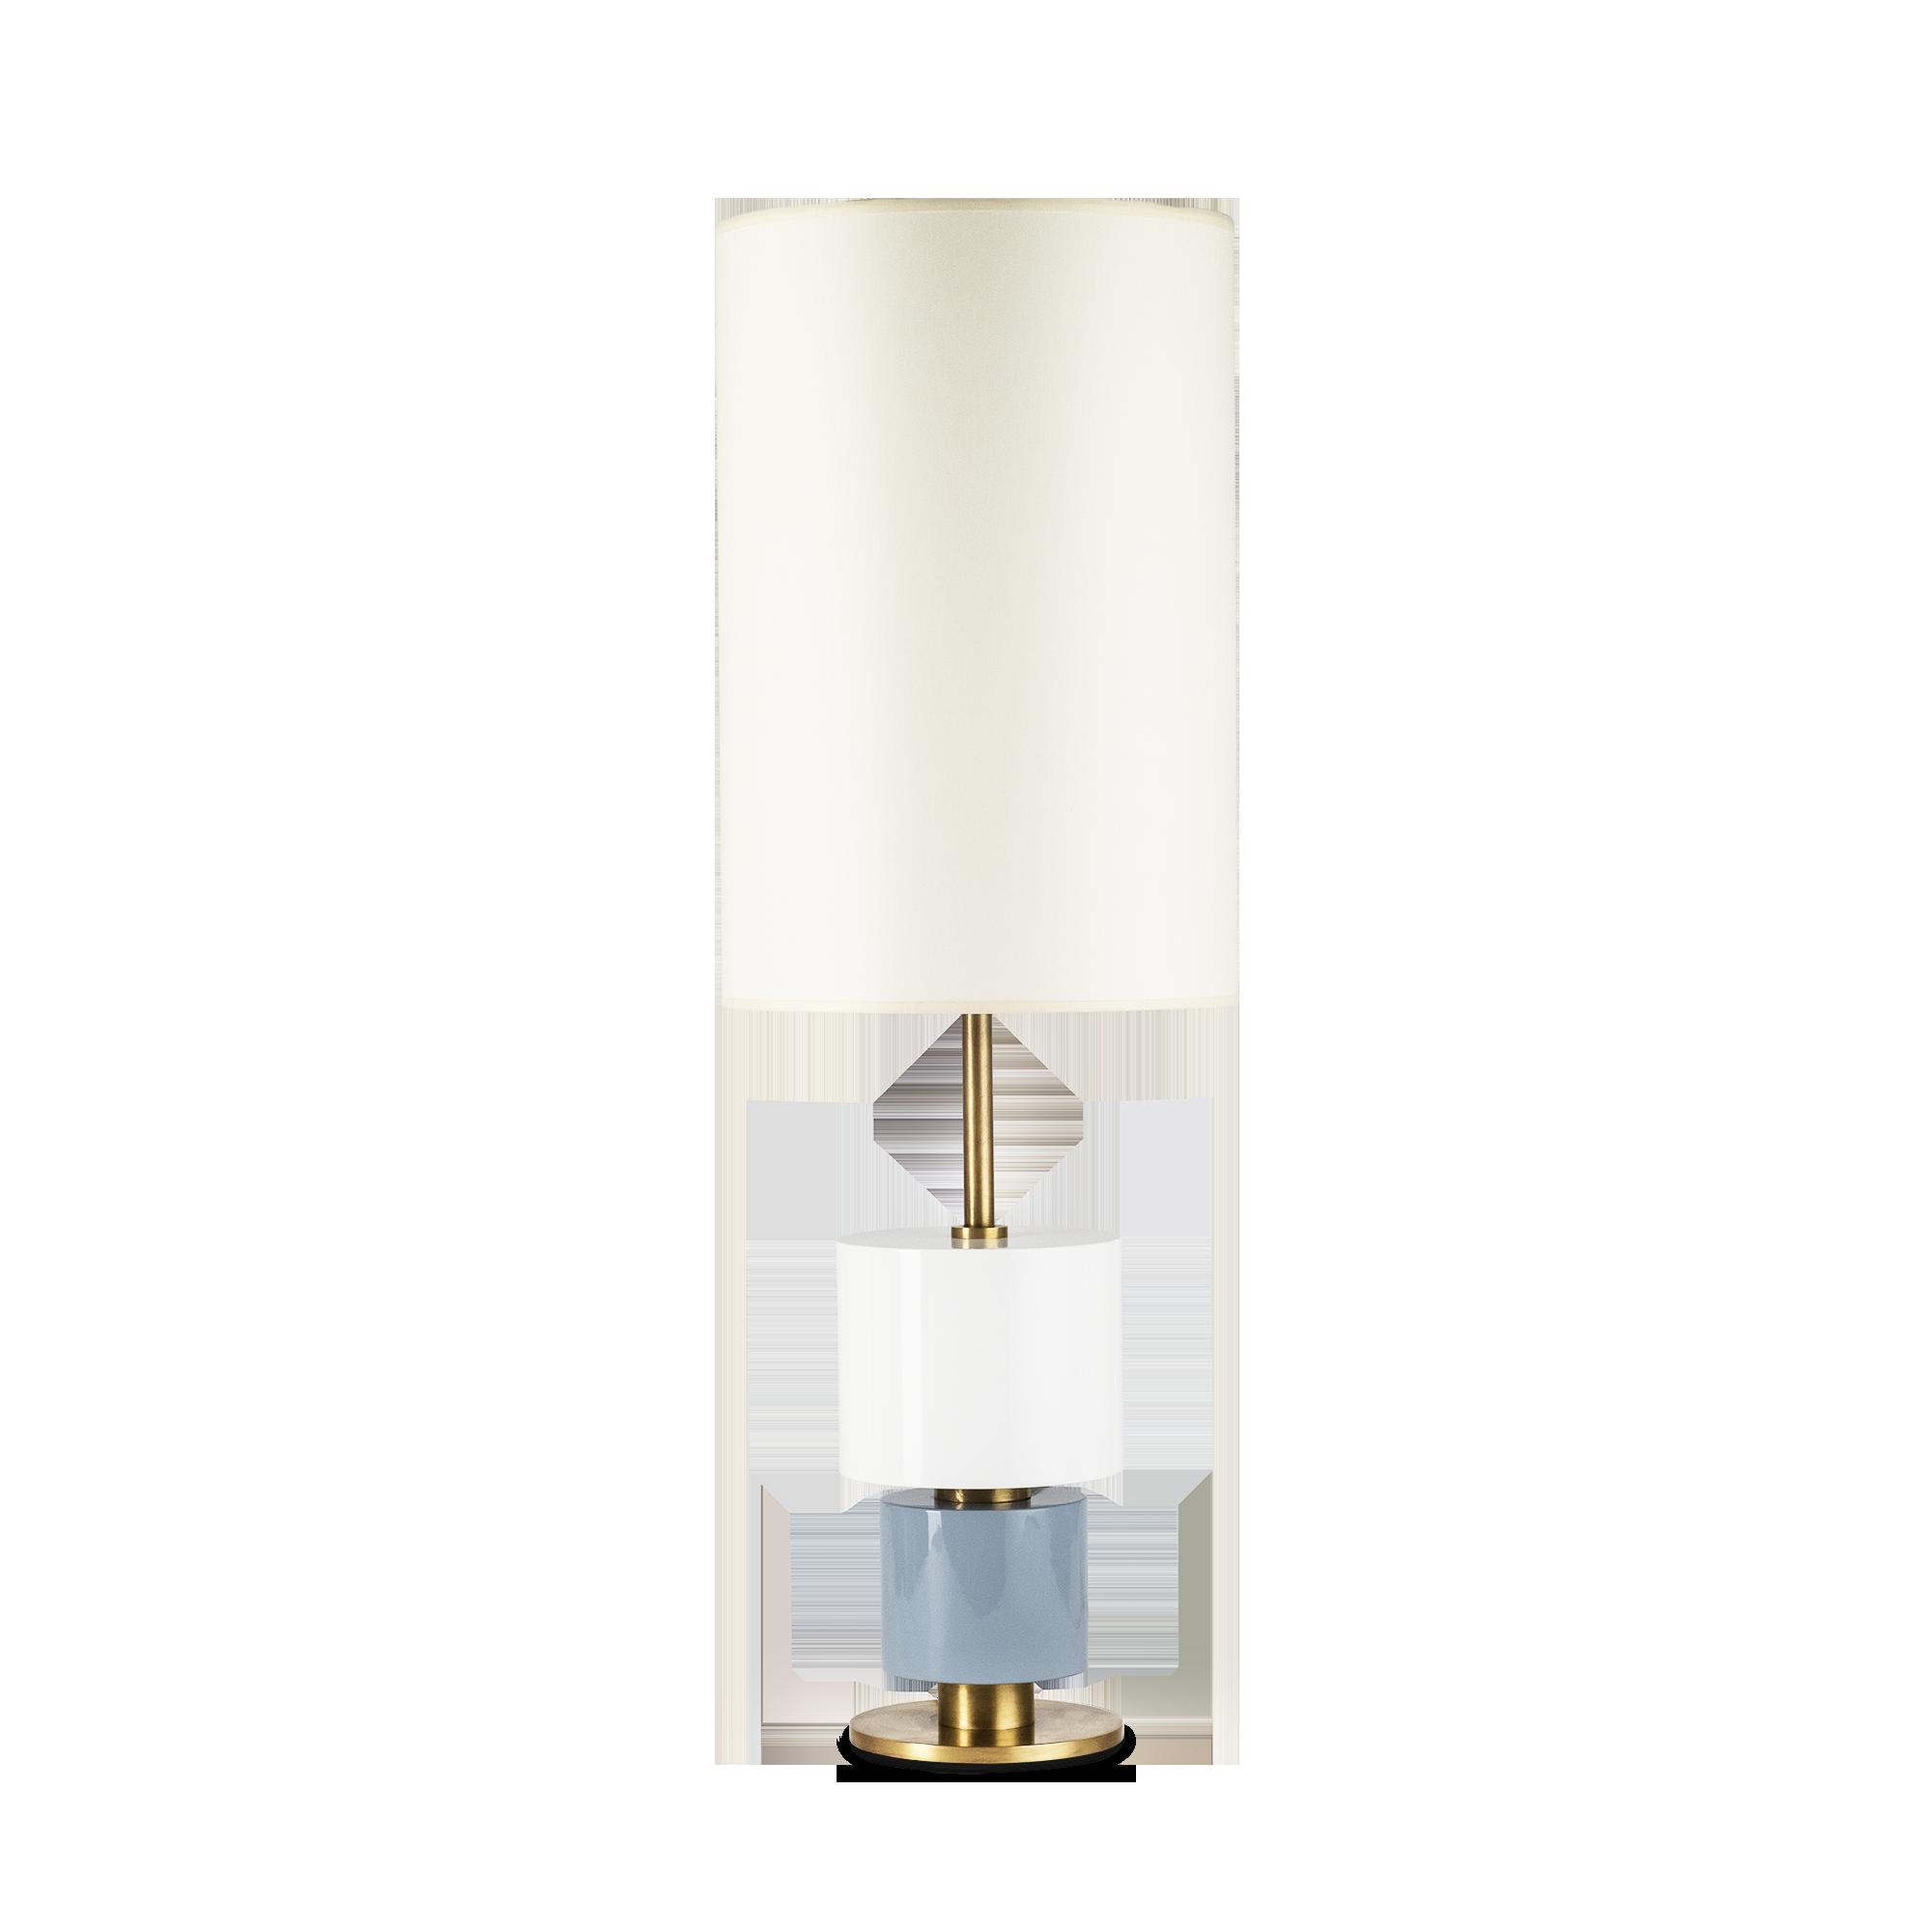 Настольная лампа Any-Home SN008 - SN008 | AnyHome.ru